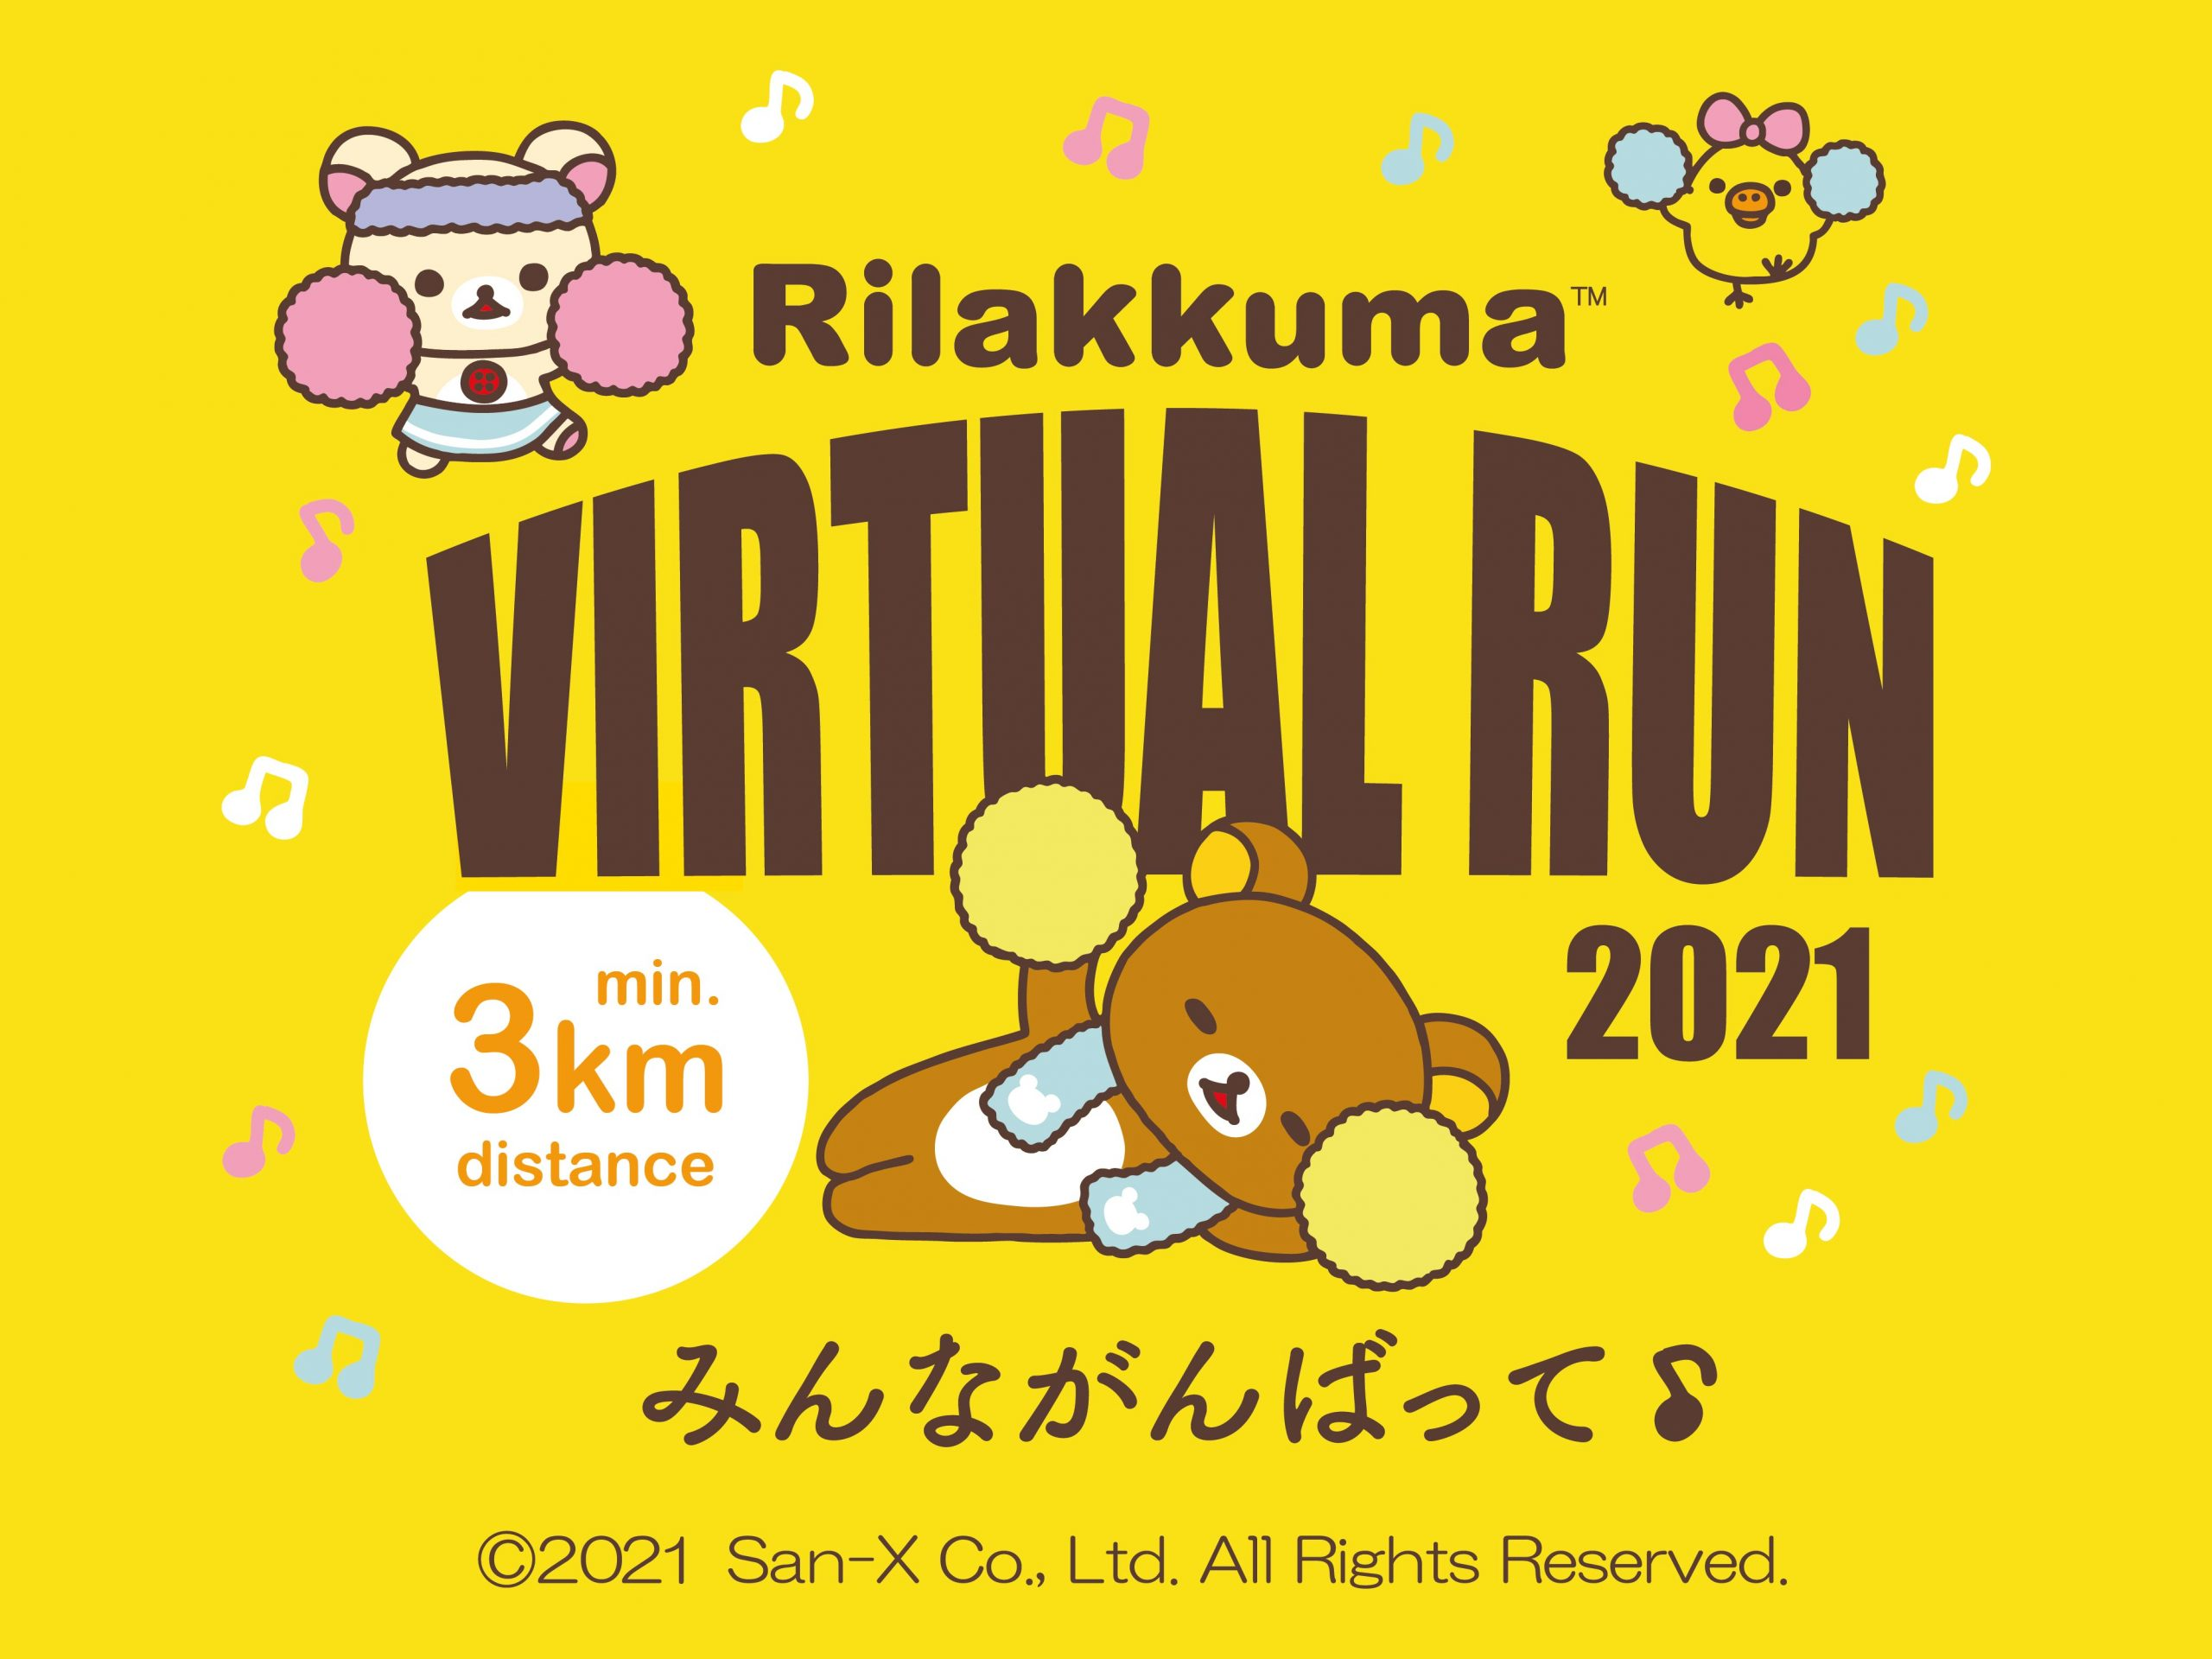 Logo of Rilakkuma Virtual Run 2021 Singapore